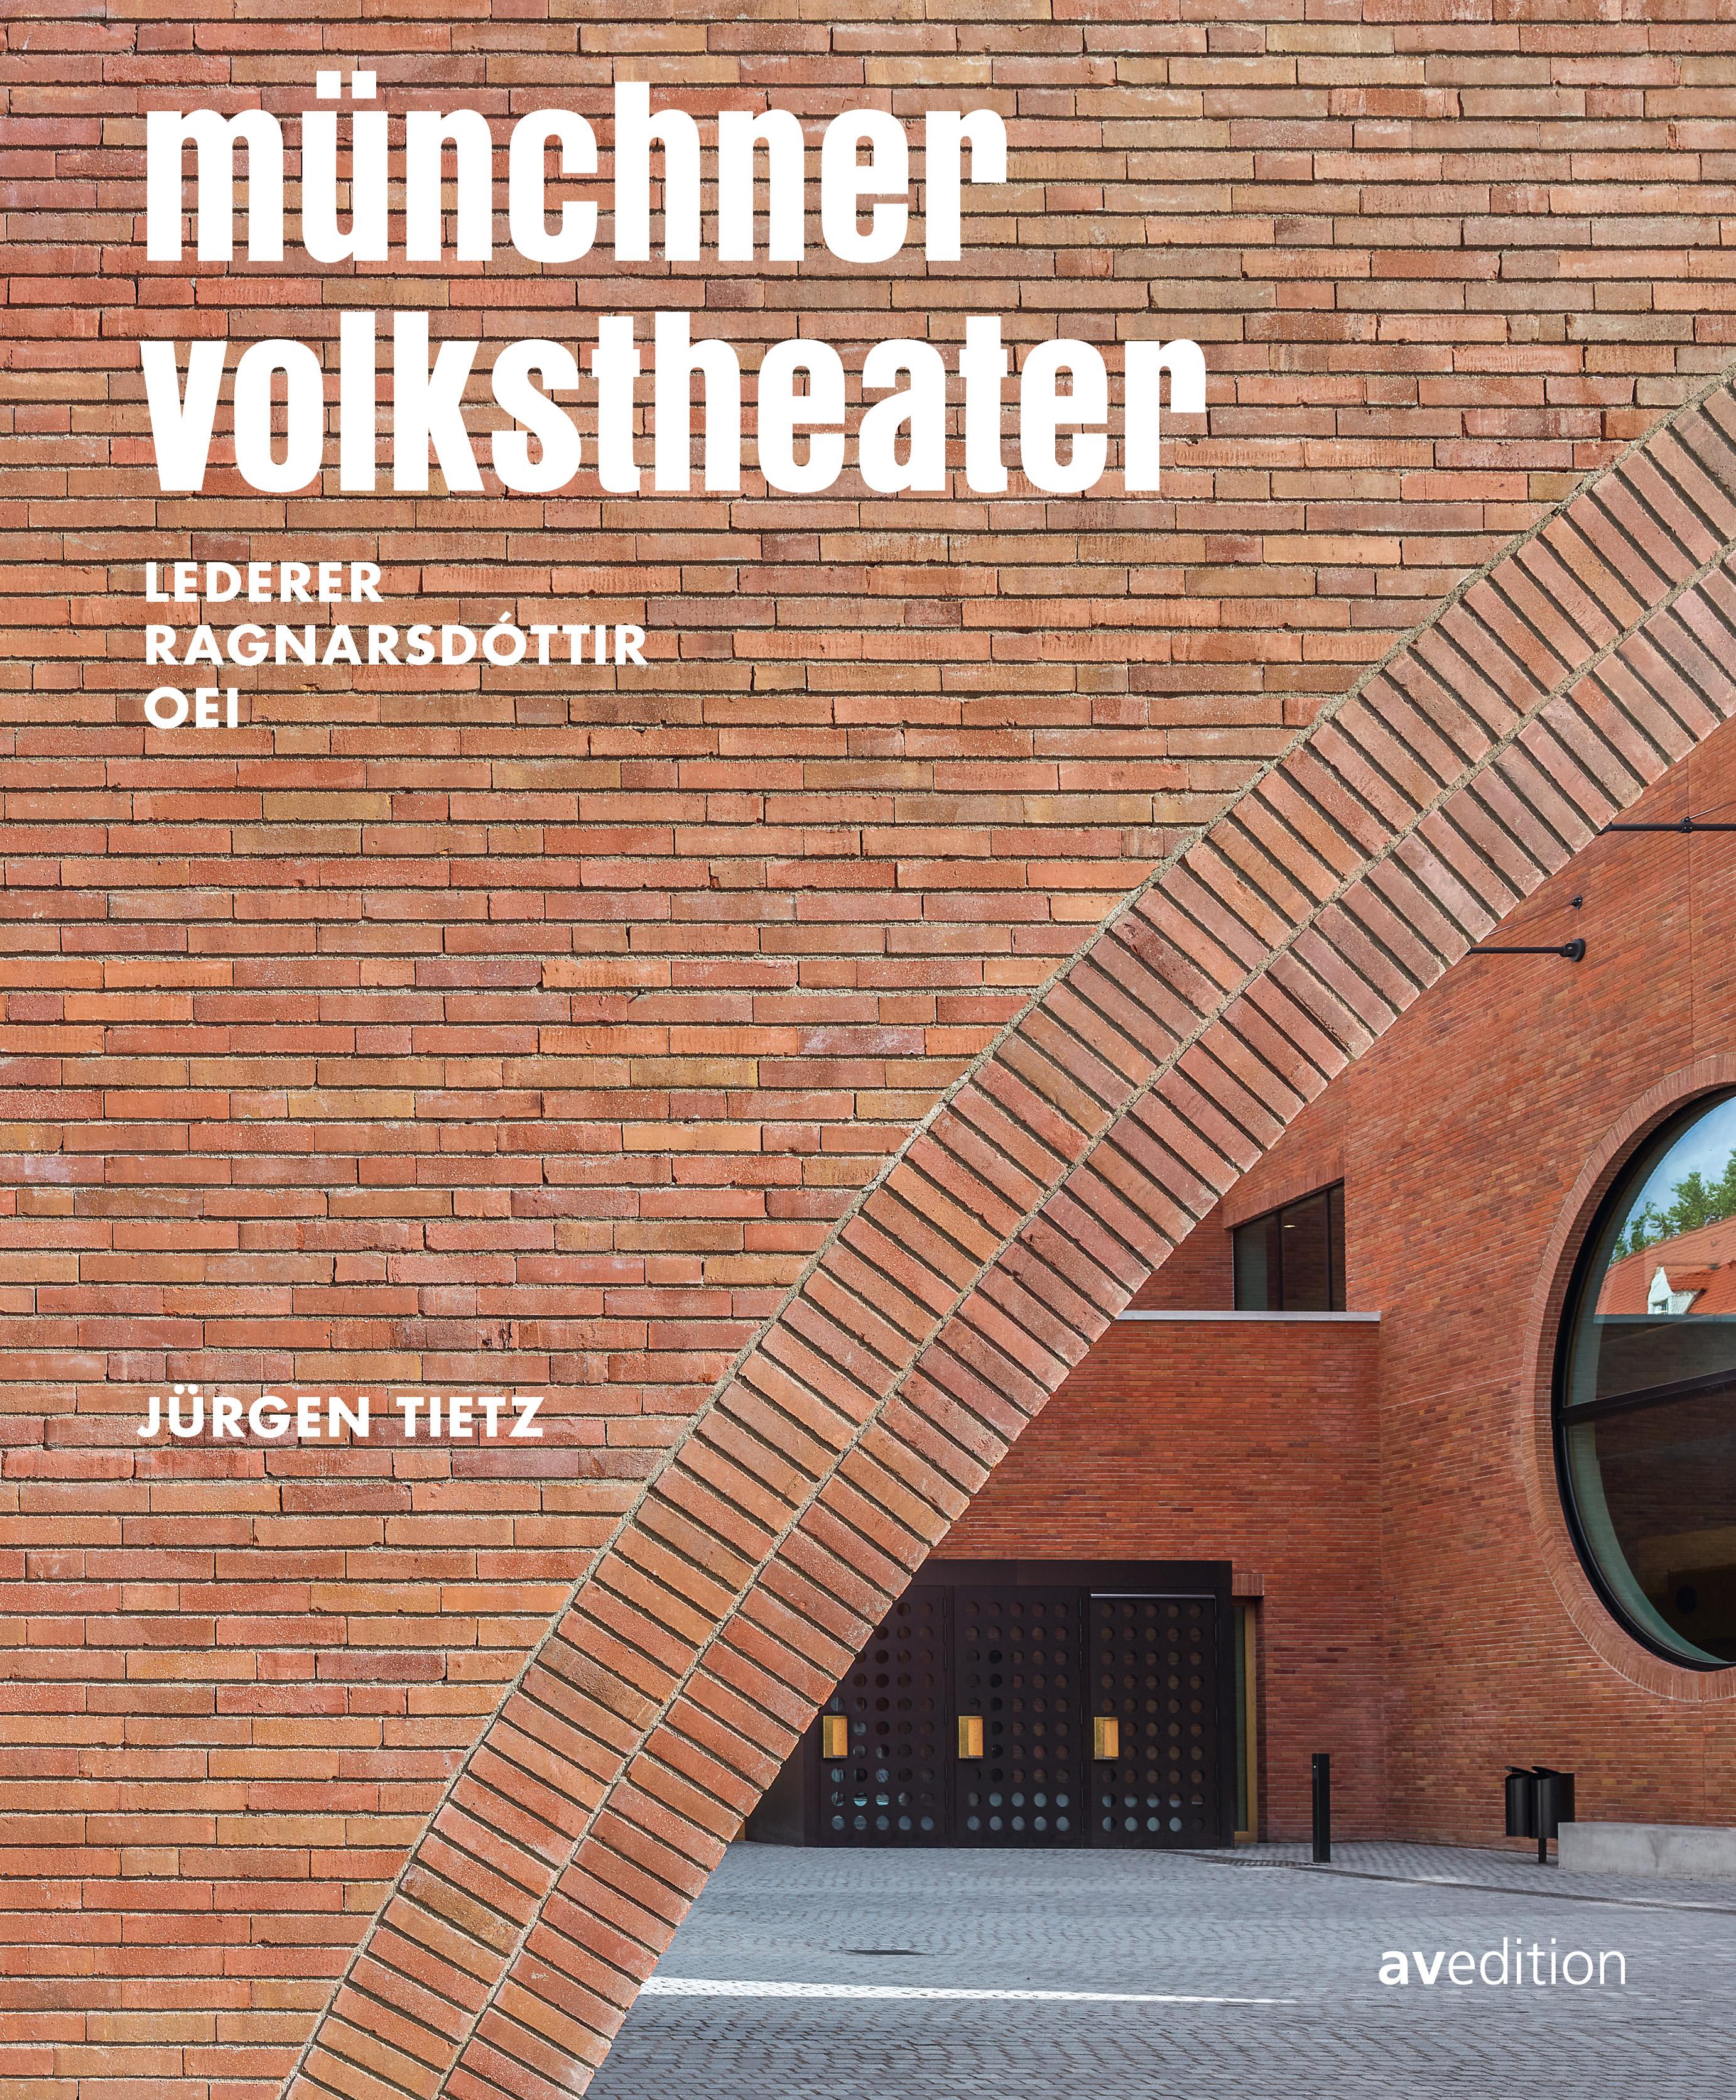 Münchner Volkstheater – Lederer Ragnasdóttir Oei